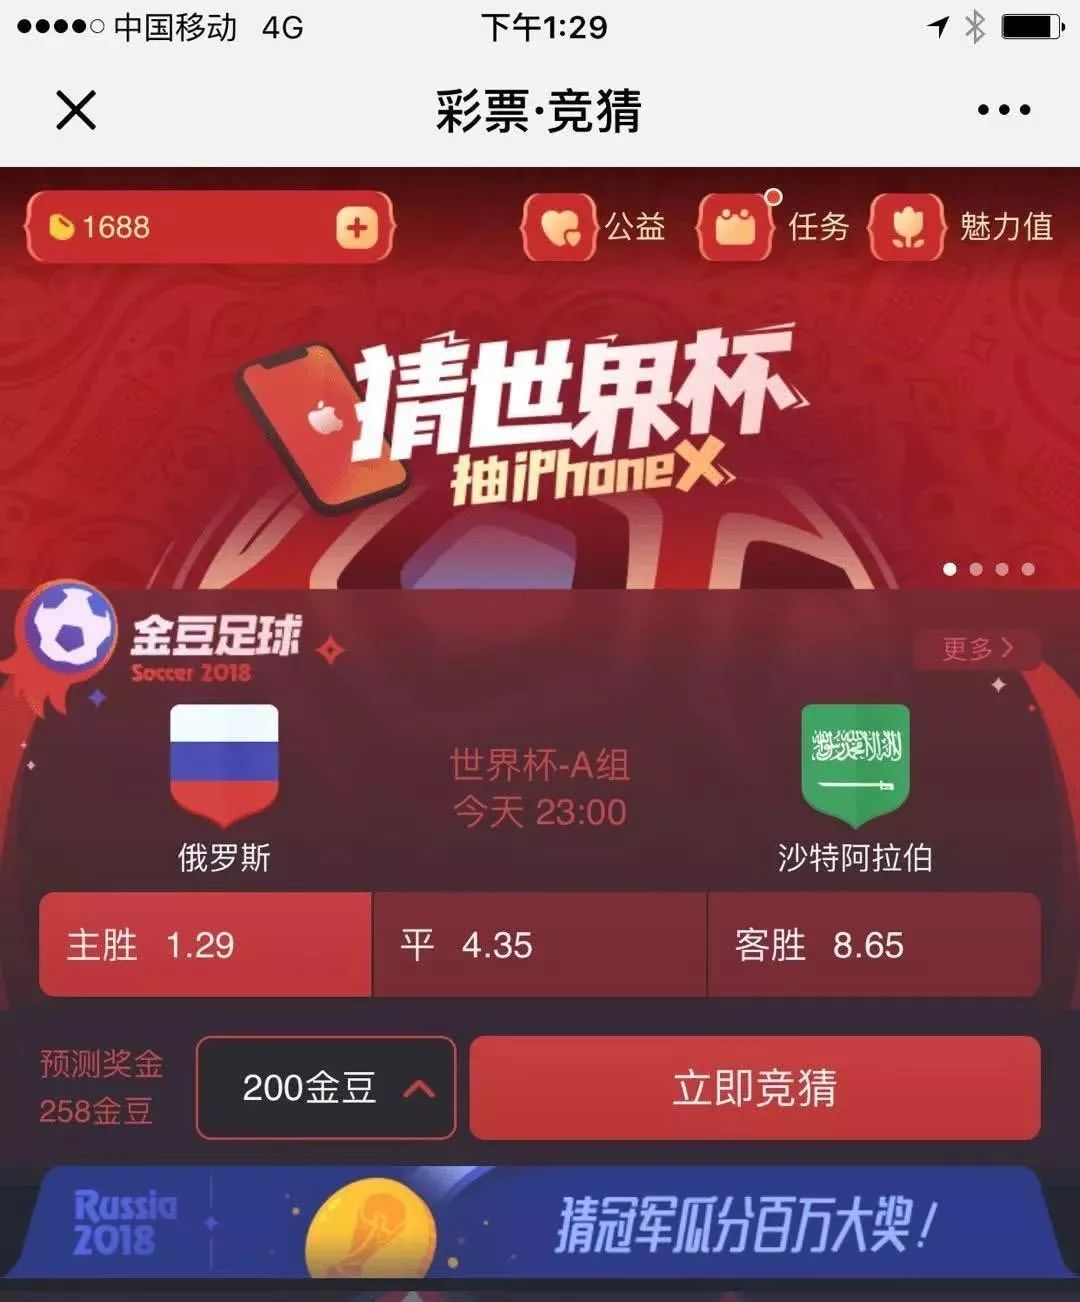 世界杯来了,但4年前互联网彩票850亿的疯狂已难重现